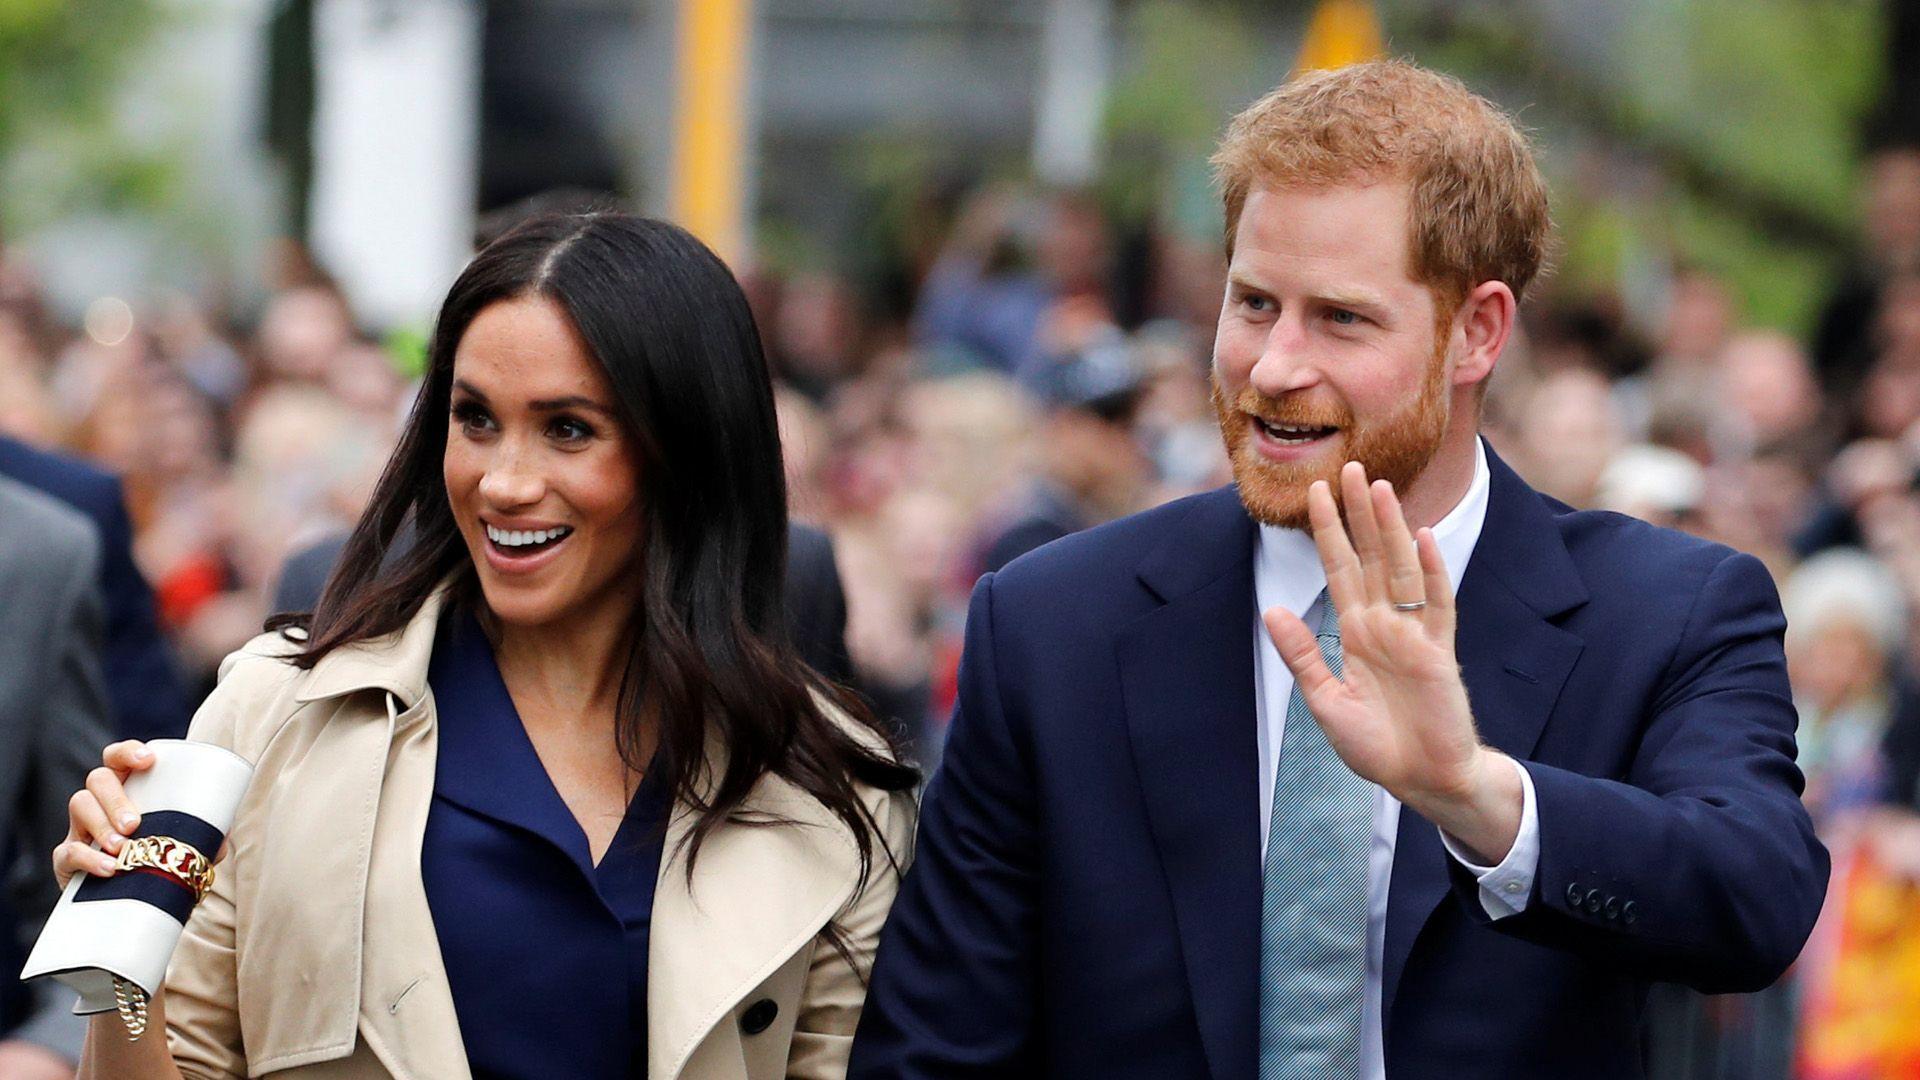 Endlich Versöhnung? Harry & Meghan planen nächsten London-Besuch